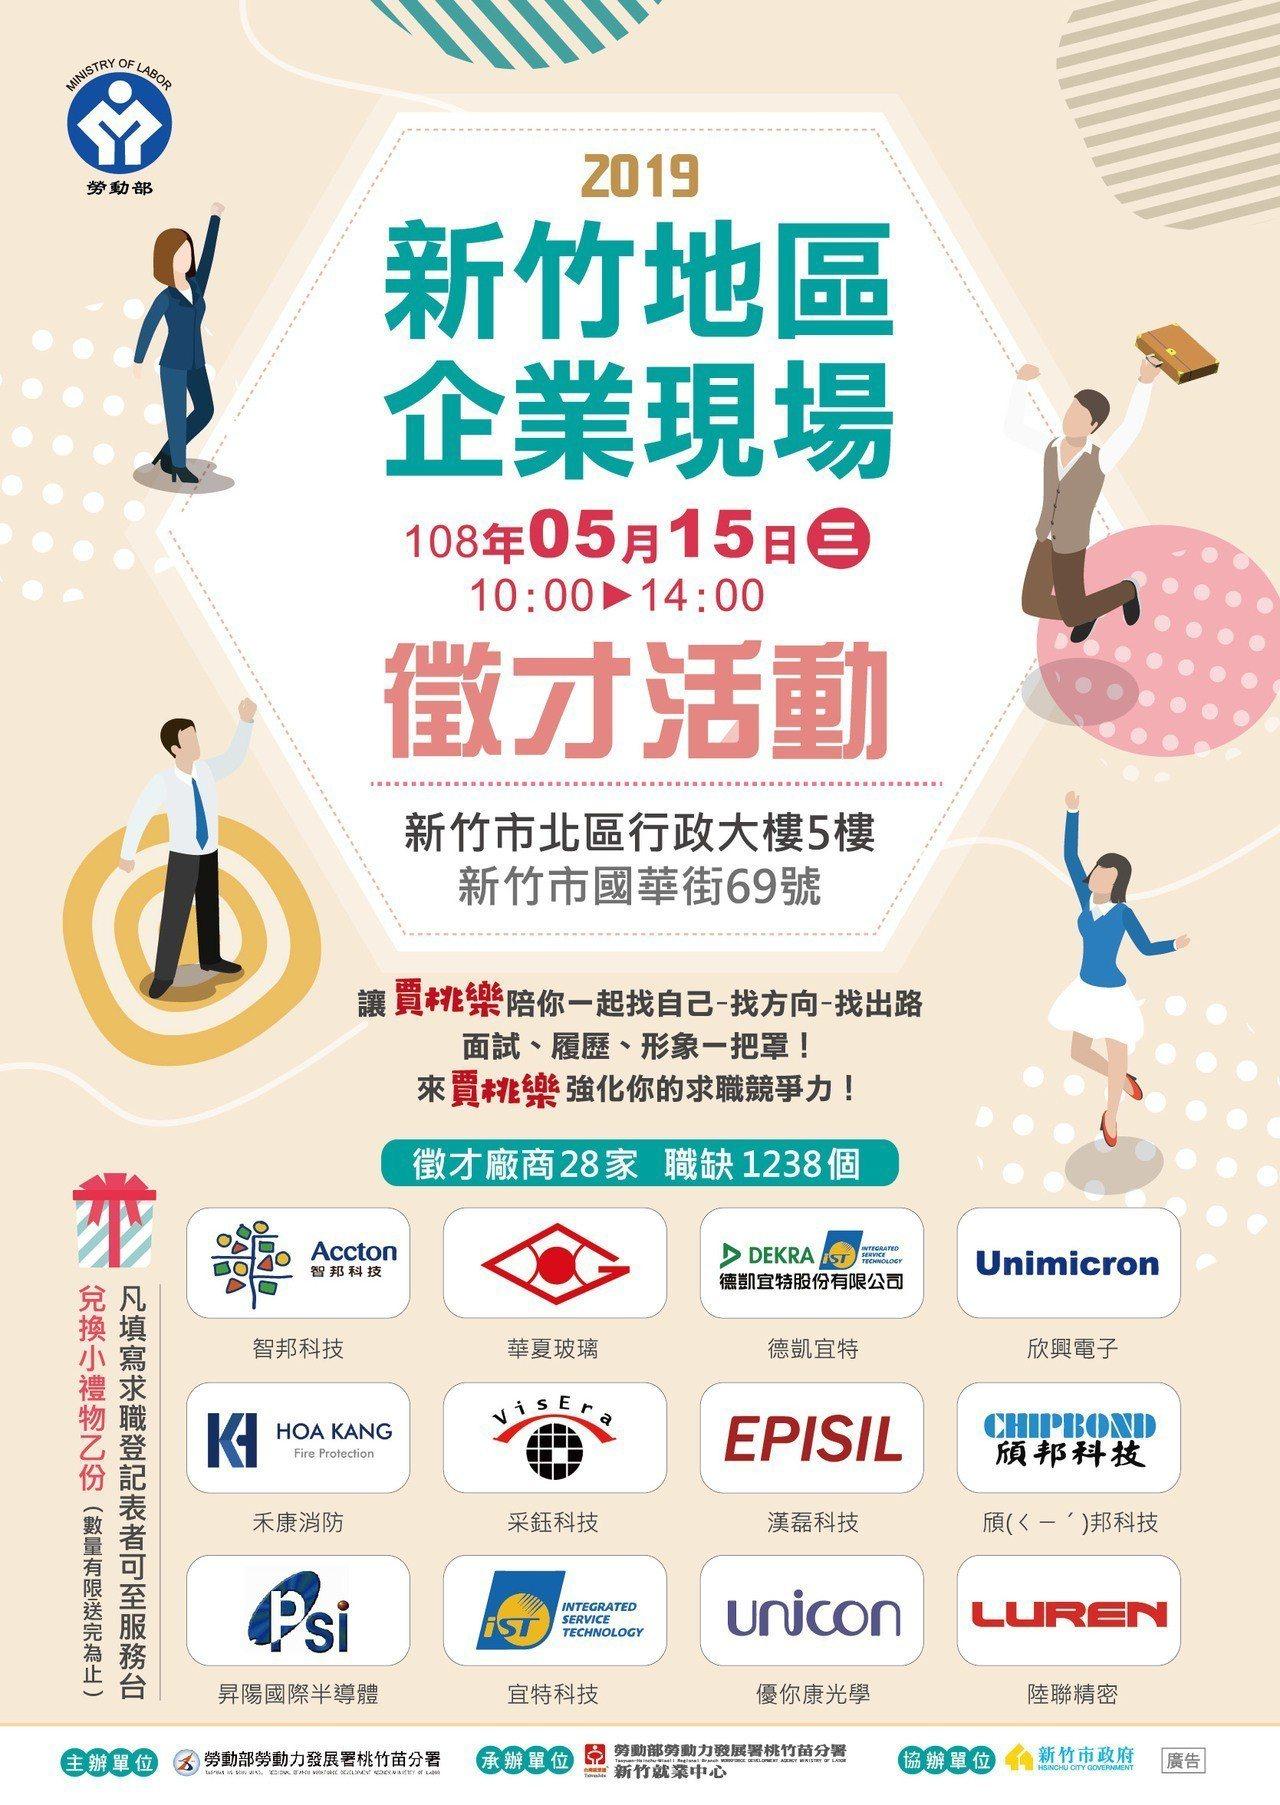 新竹企業徵才15日登場,釋1,238個職缺。圖/竹市府提供